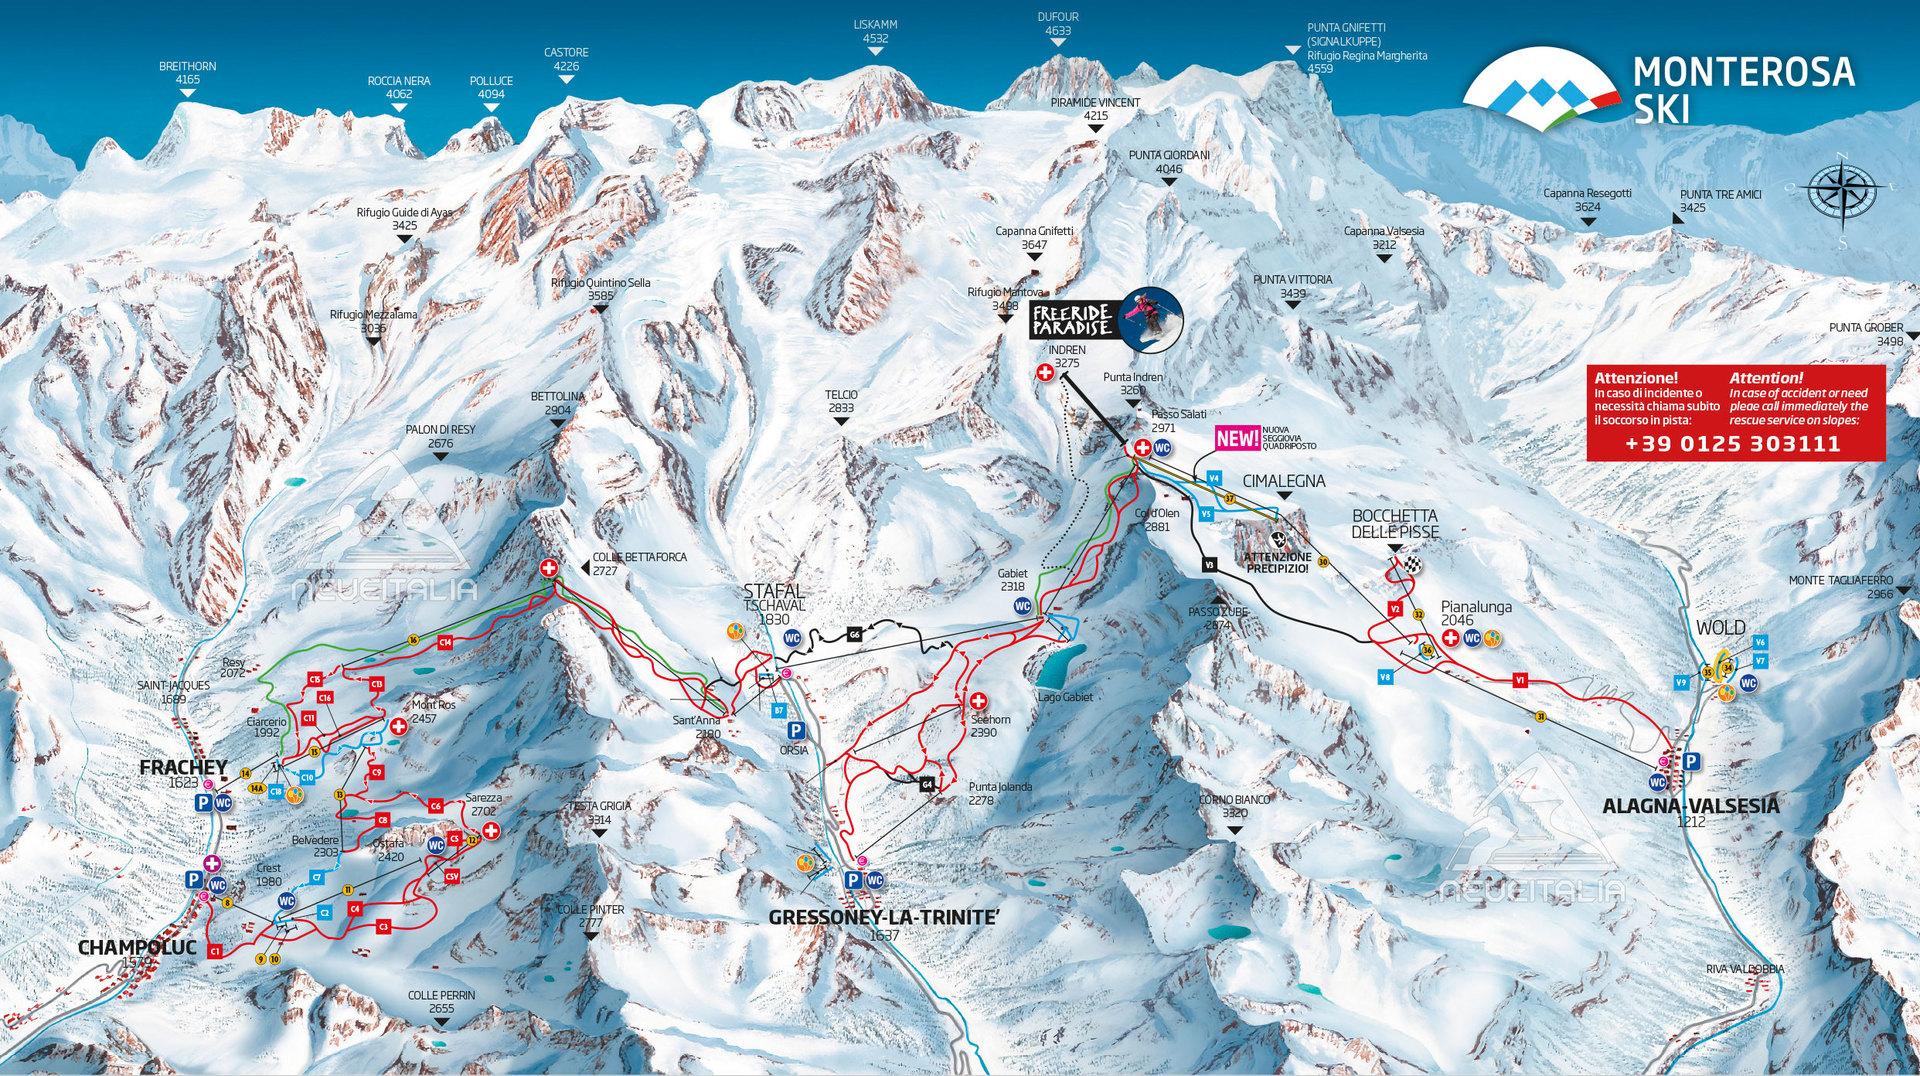 monterosa ski sciare